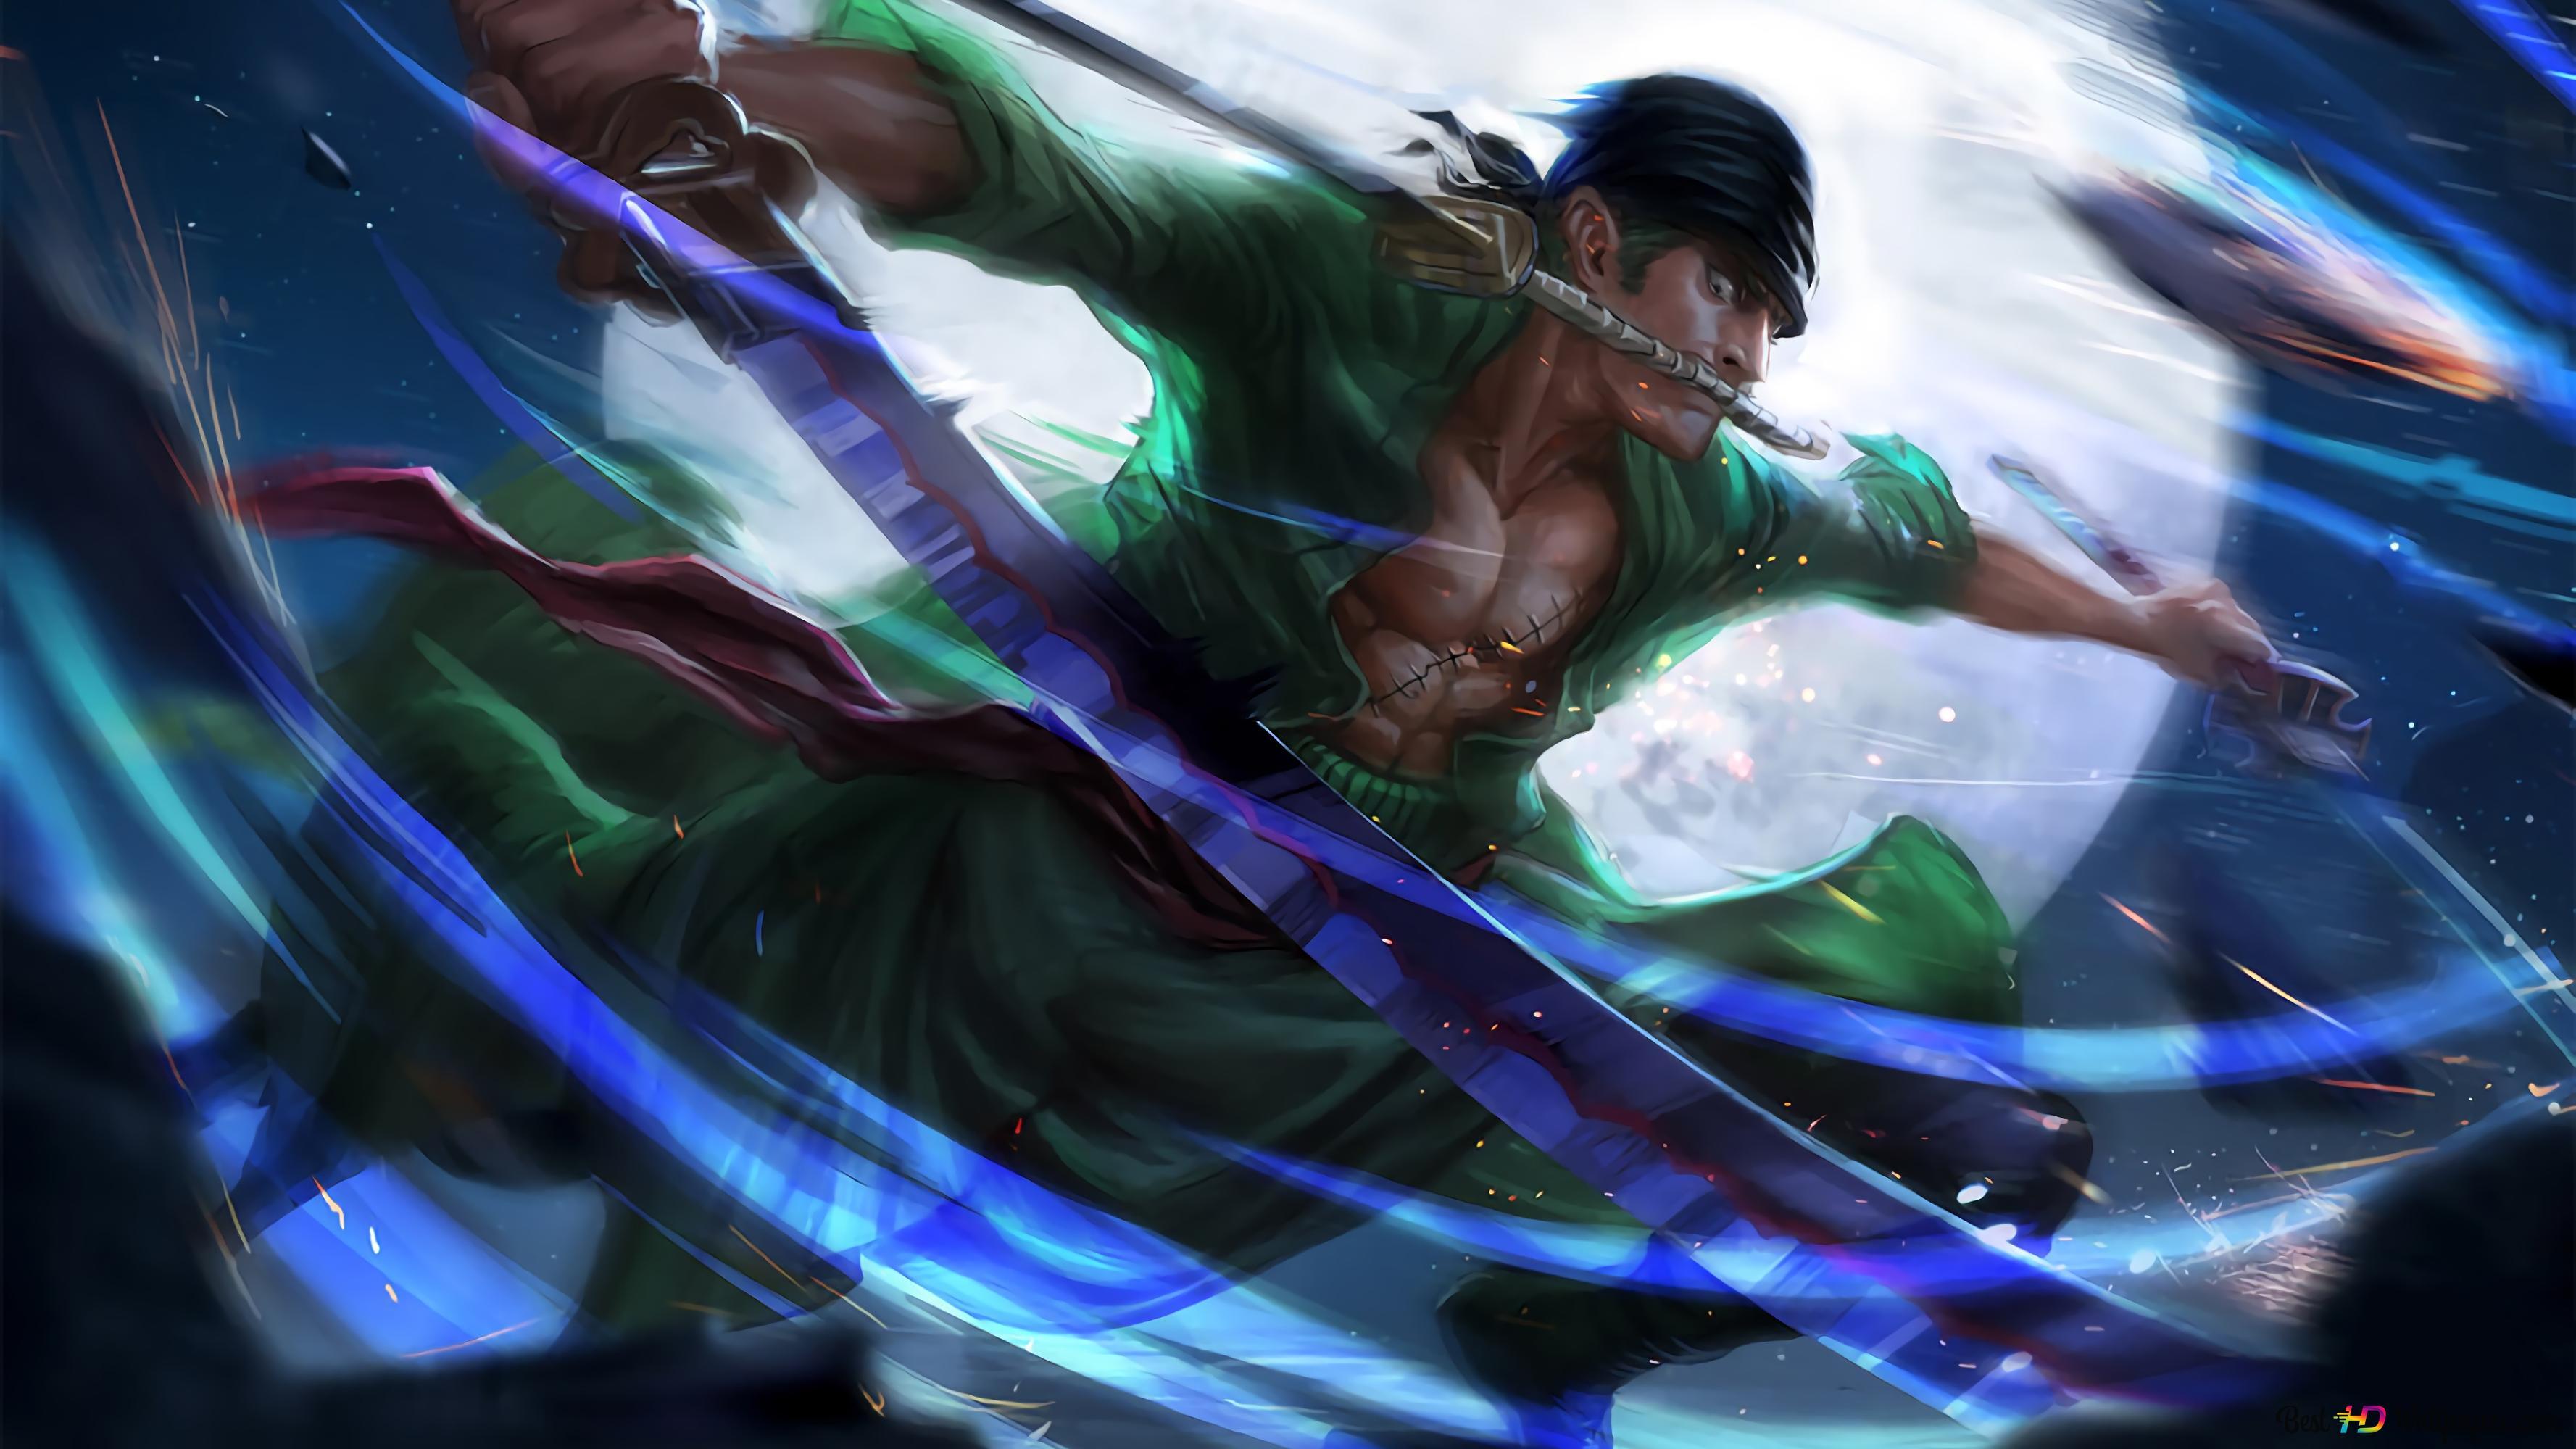 Descargar Fondo De Pantalla One Piece Roronoa Zoro Ex